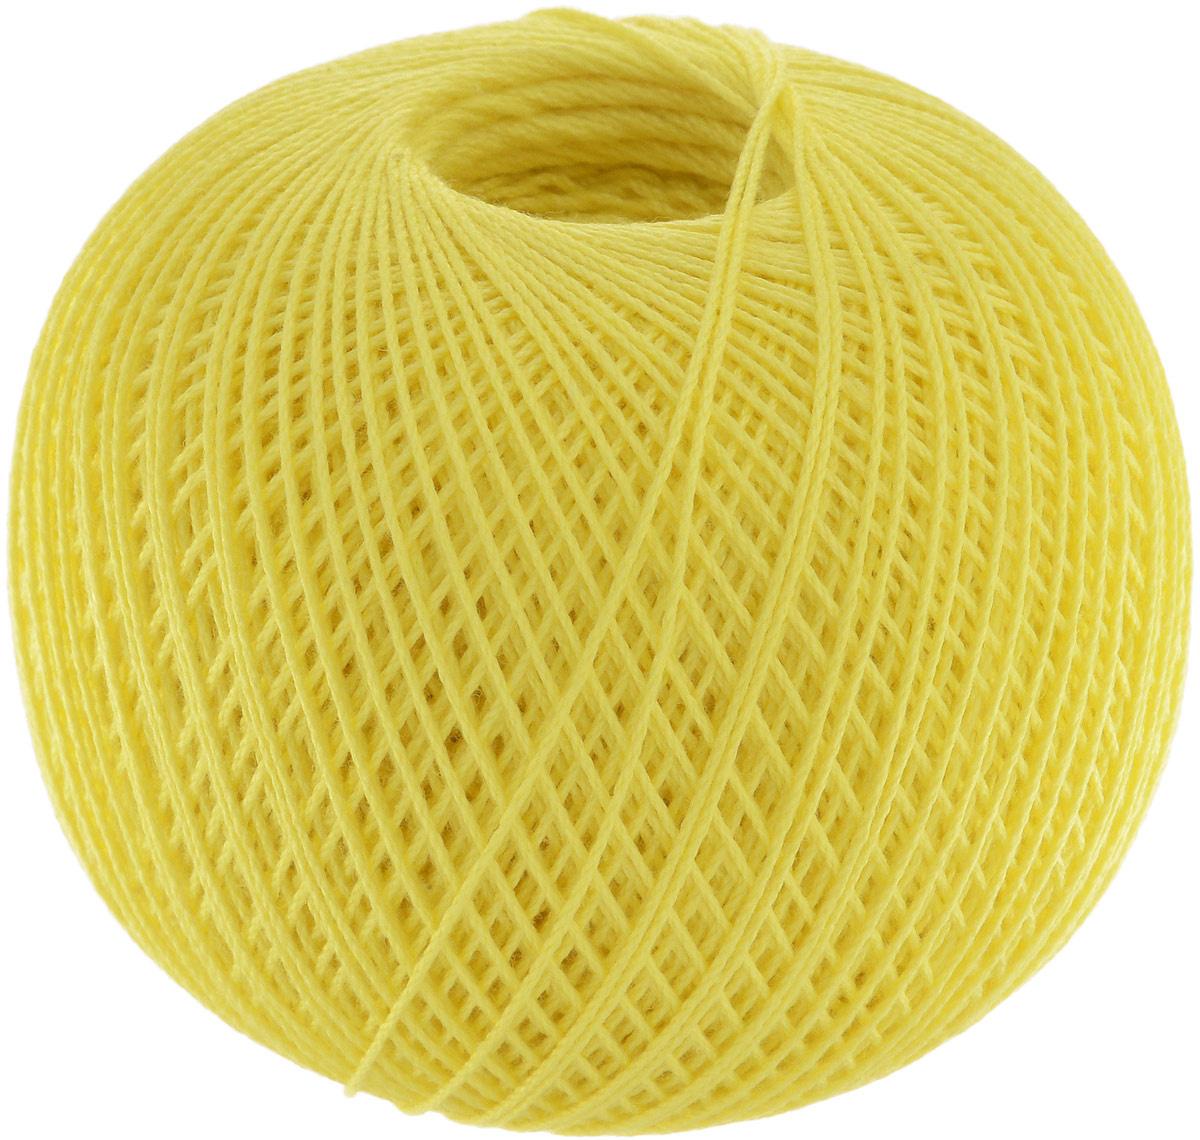 """Нитки вязальные """"Роза"""", хлопчатобумажные, цвет: лимон (0204), 320 м, 50 г, 6 шт  #1"""